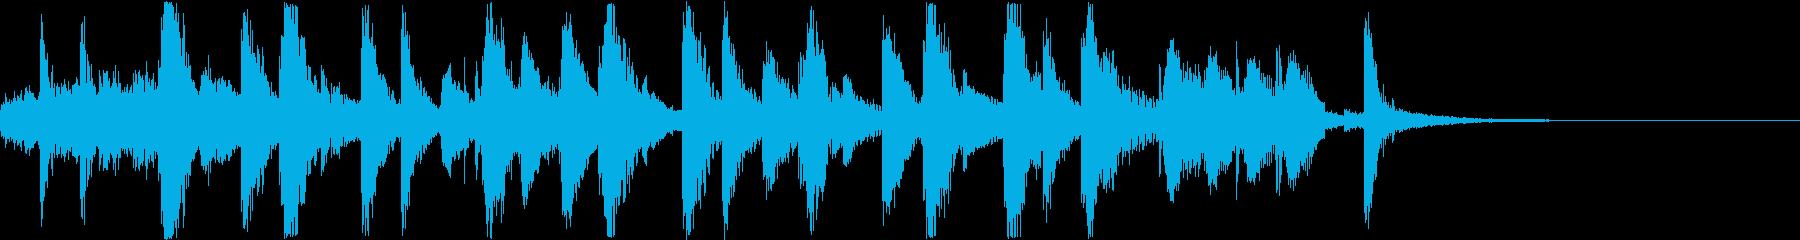 メルヘンでかわいい動画向きジングルの再生済みの波形